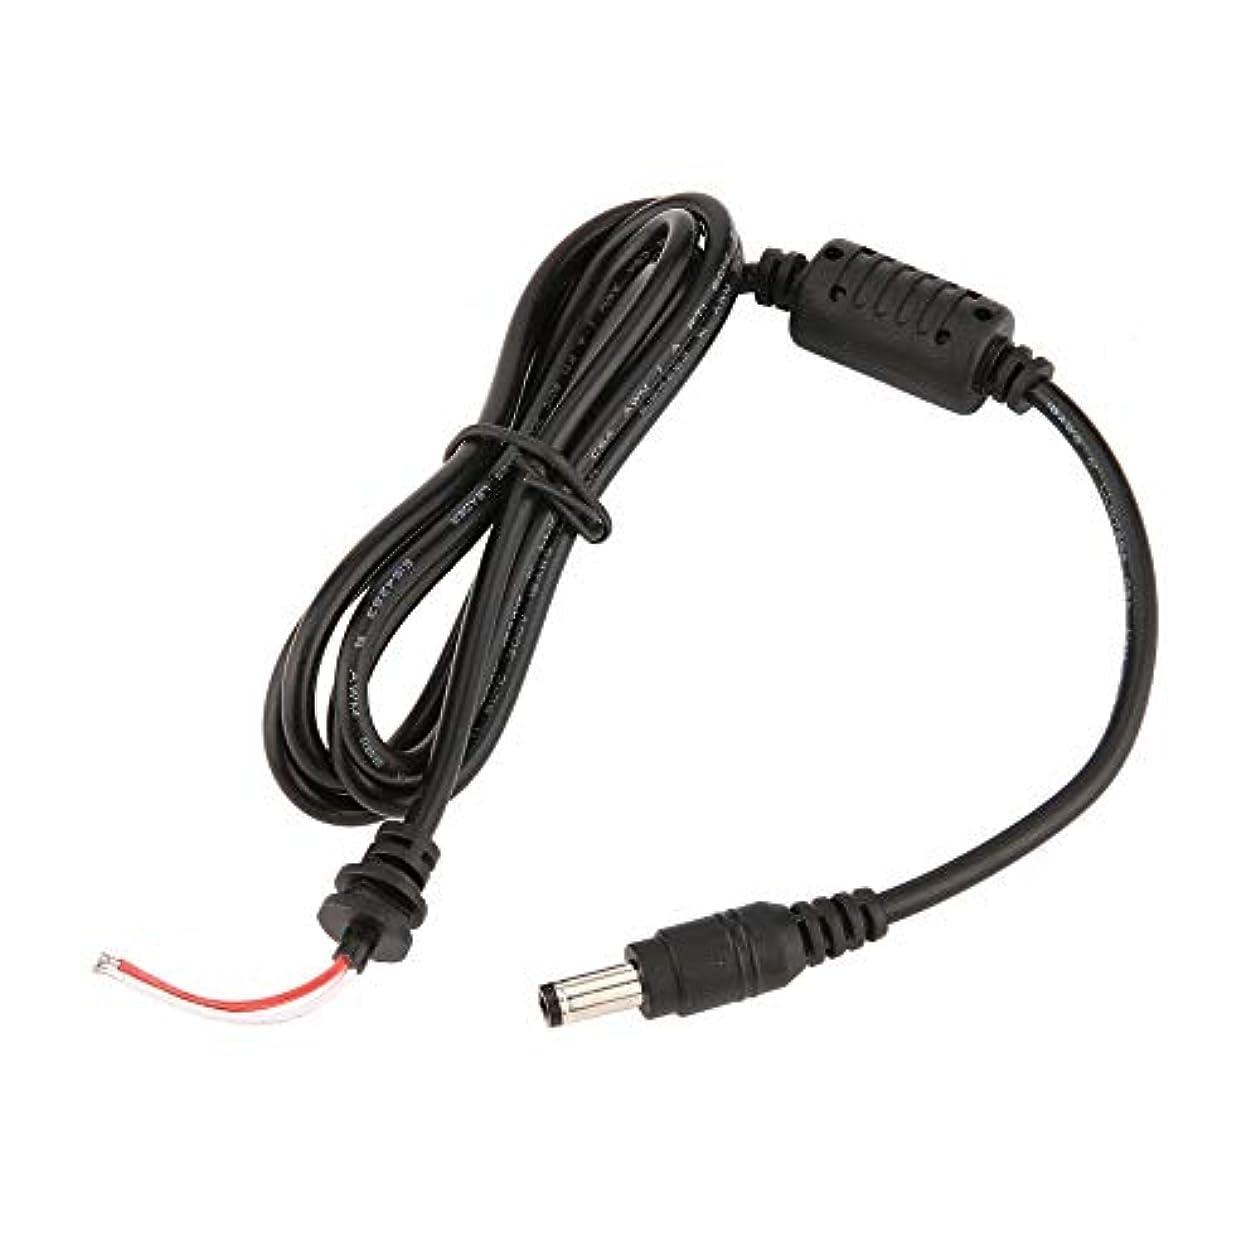 リー過去くまA AcresspaceユニバーサルDCジャックチッププラグコネクタコードケーブル電源アダプタ5.5X2.5MM電源プラグコネクタDCチッププラグケーブル